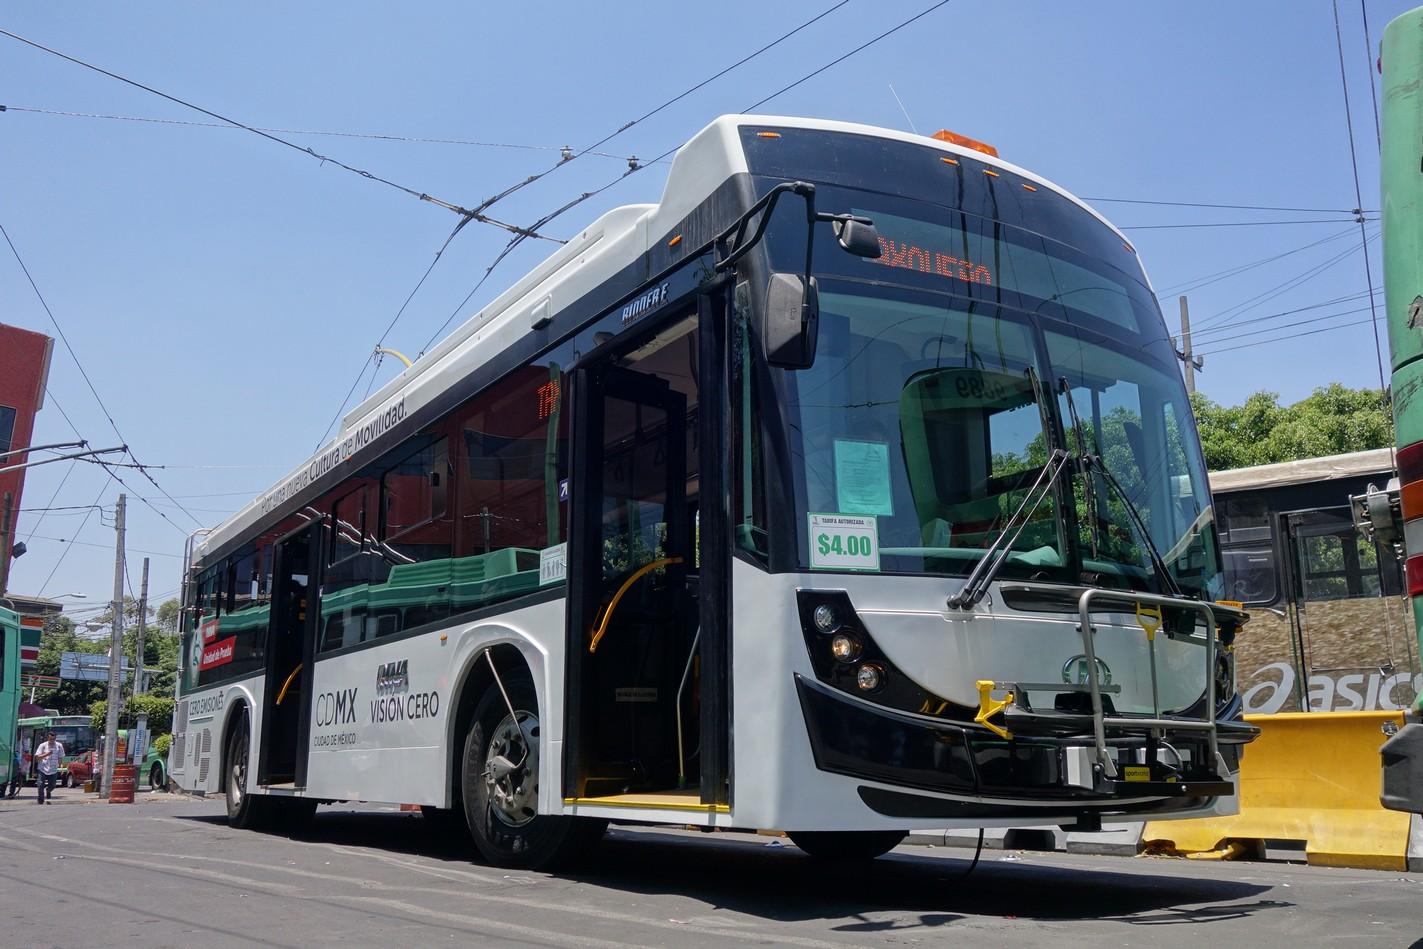 Megalomanské plány na zavedení elektrobusů si snad mexická radnice ještě rozmyslí. Trolejbusy jsou přece jen stálejším řešením, což ostatně dokazuje samotné Mexico City, kde se některé vozy drží v provozu více než 30 let. (zdroj: Škoda Electric)